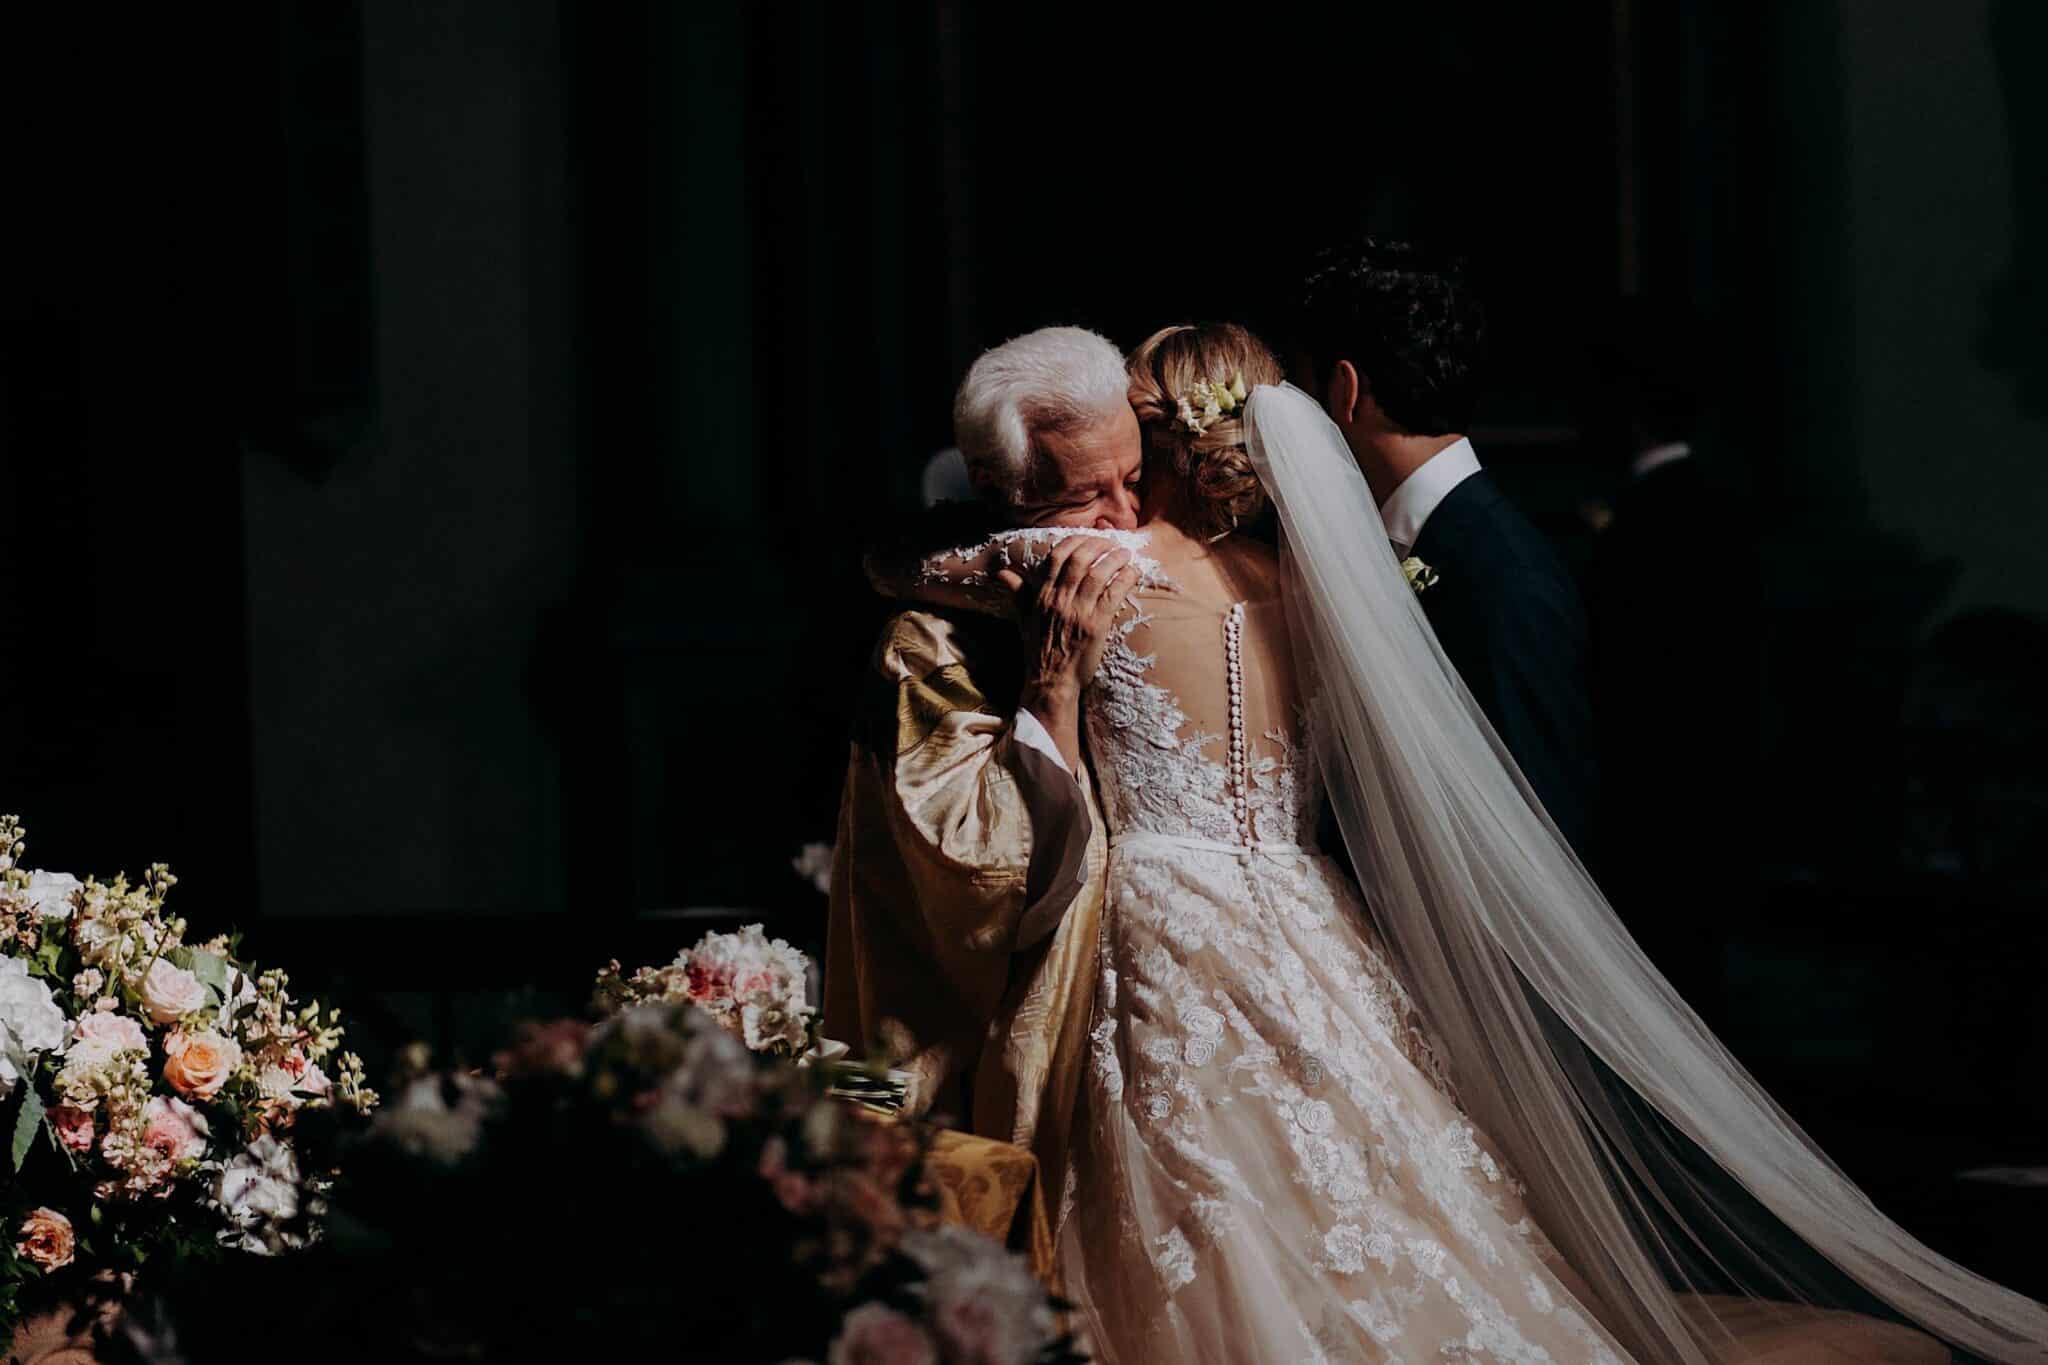 abbracci tra il parroco e gli sposi